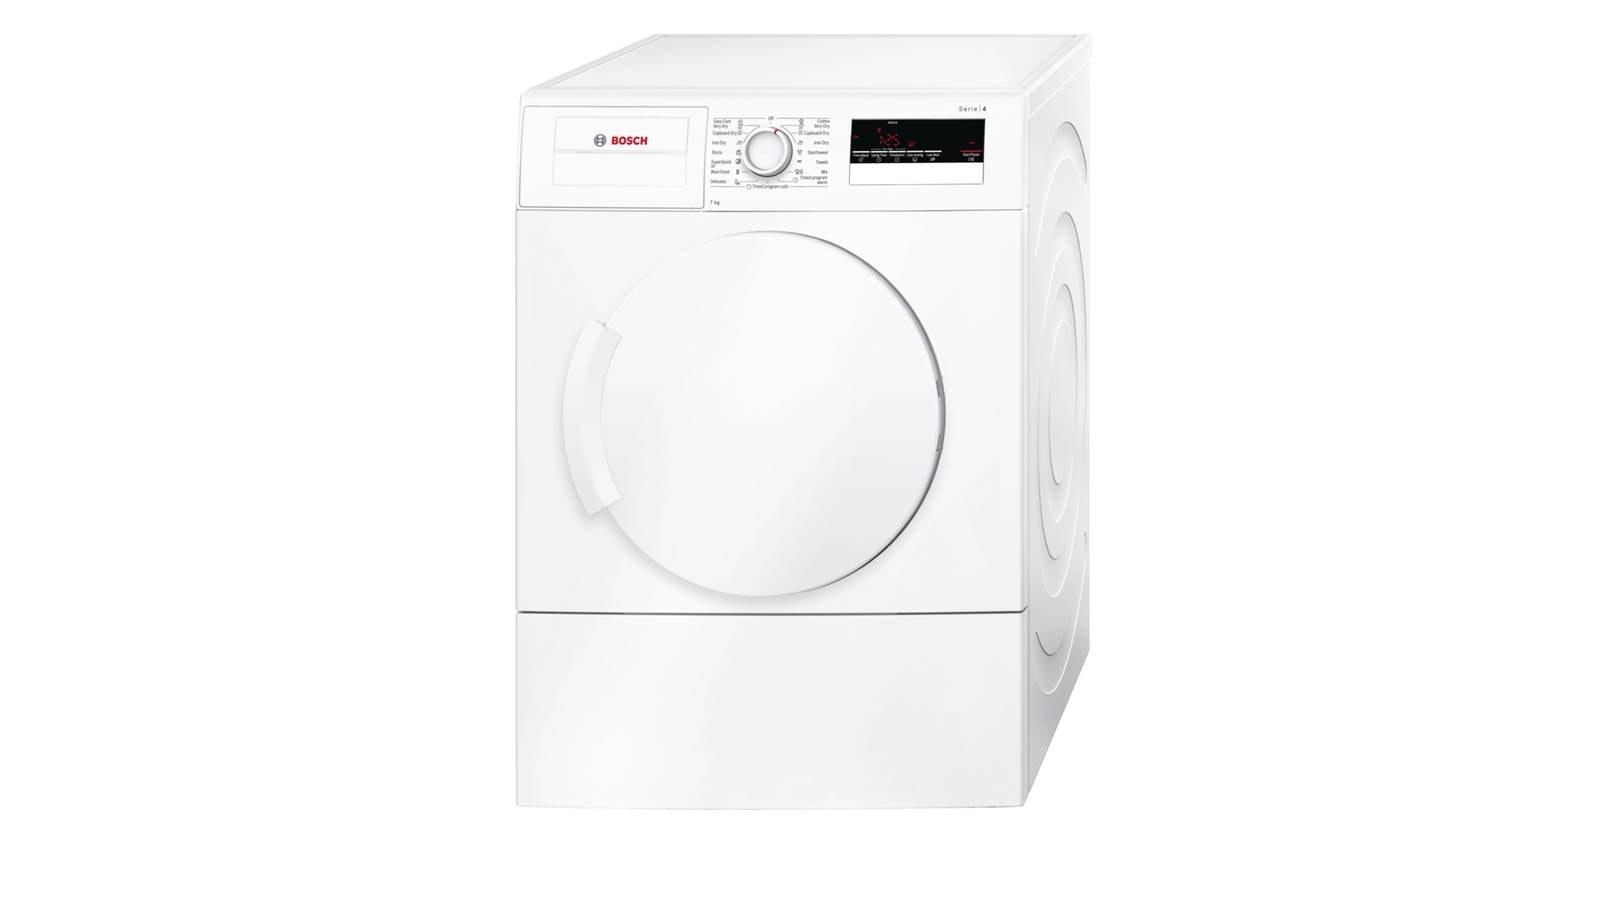 bosch exxcel tumble dryer manual